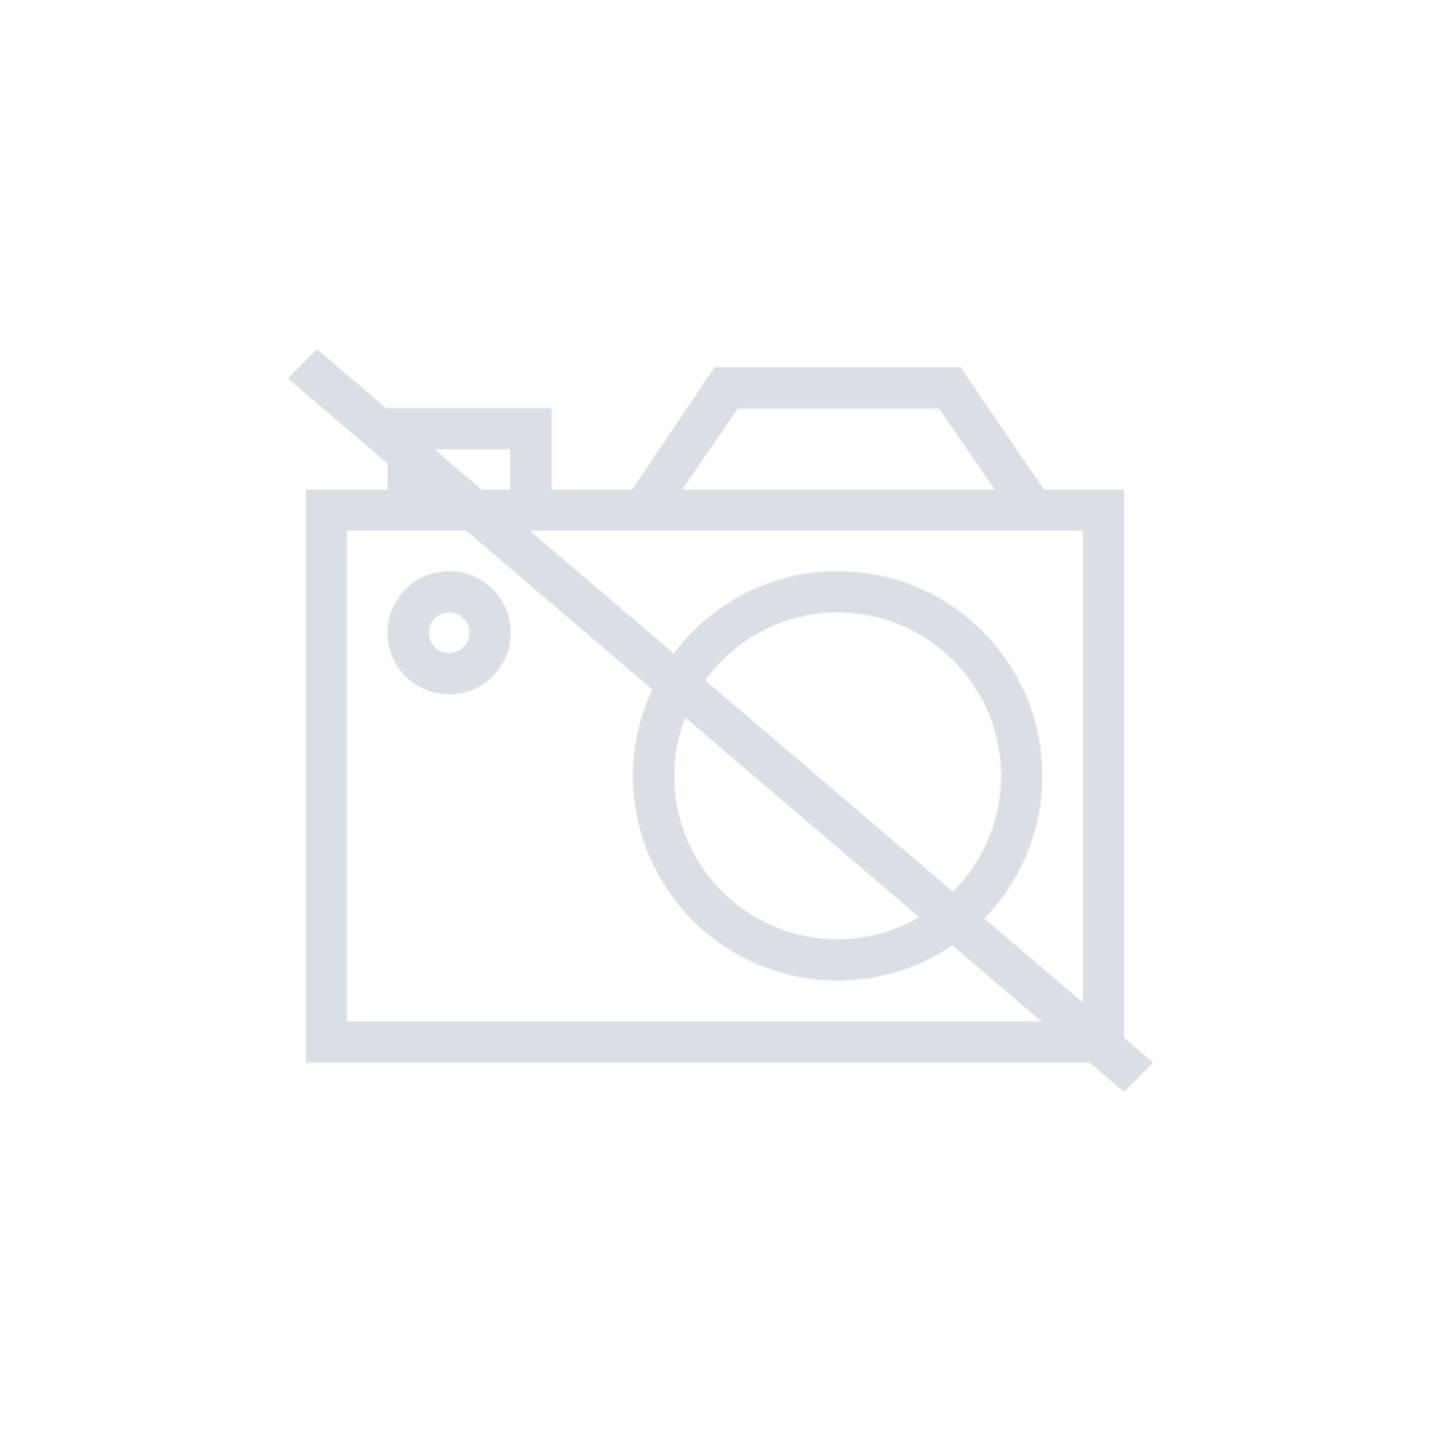 Makerfactory 3D-Druck Stift